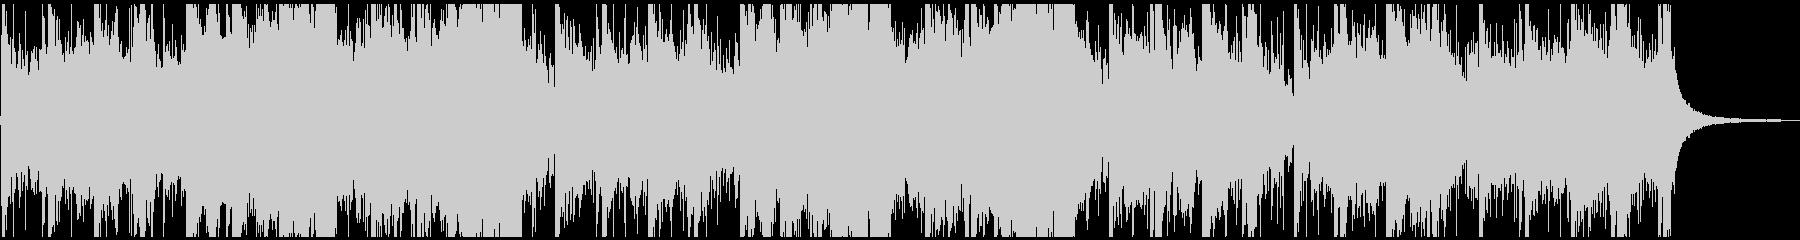 アラビアンな雰囲気のオーケストラBGMの未再生の波形